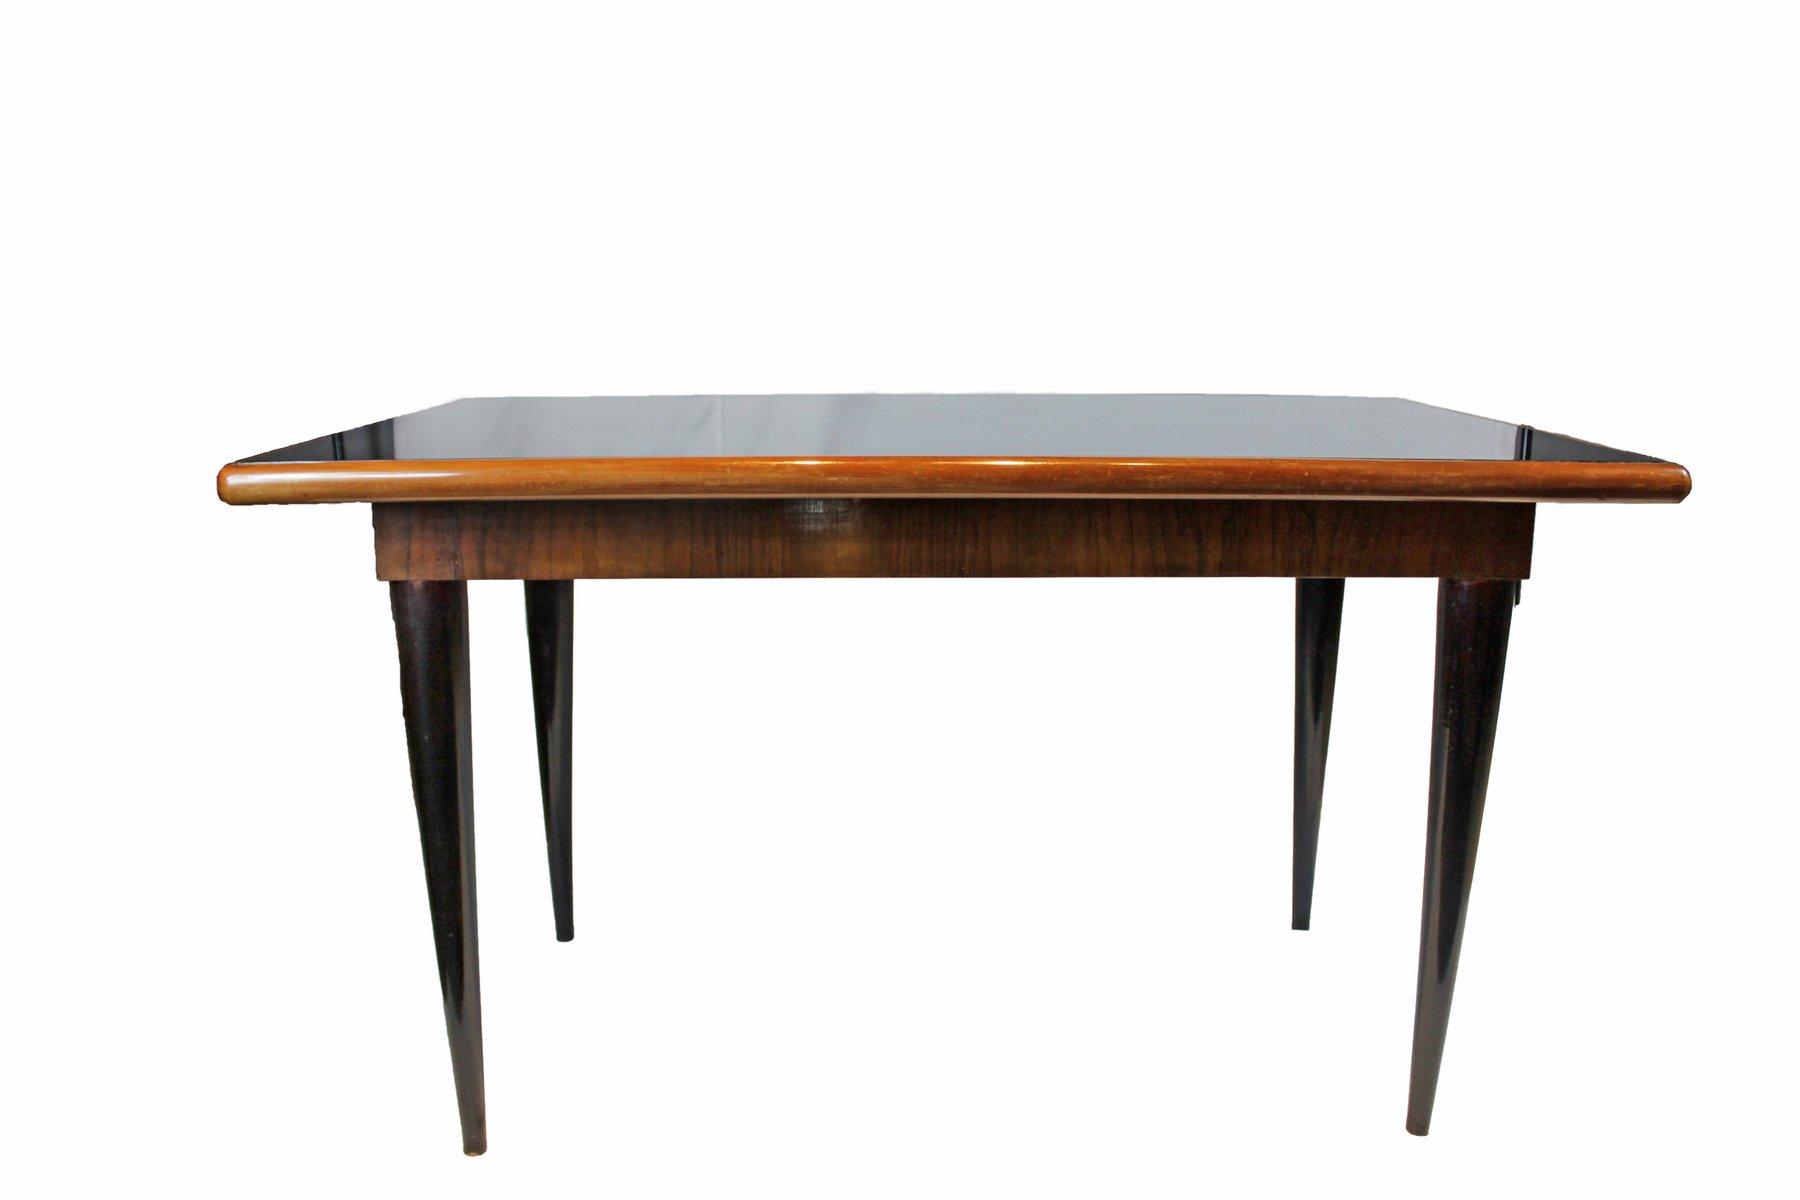 italienischer esstisch mit schwarzem spiegelglas 1950er. Black Bedroom Furniture Sets. Home Design Ideas